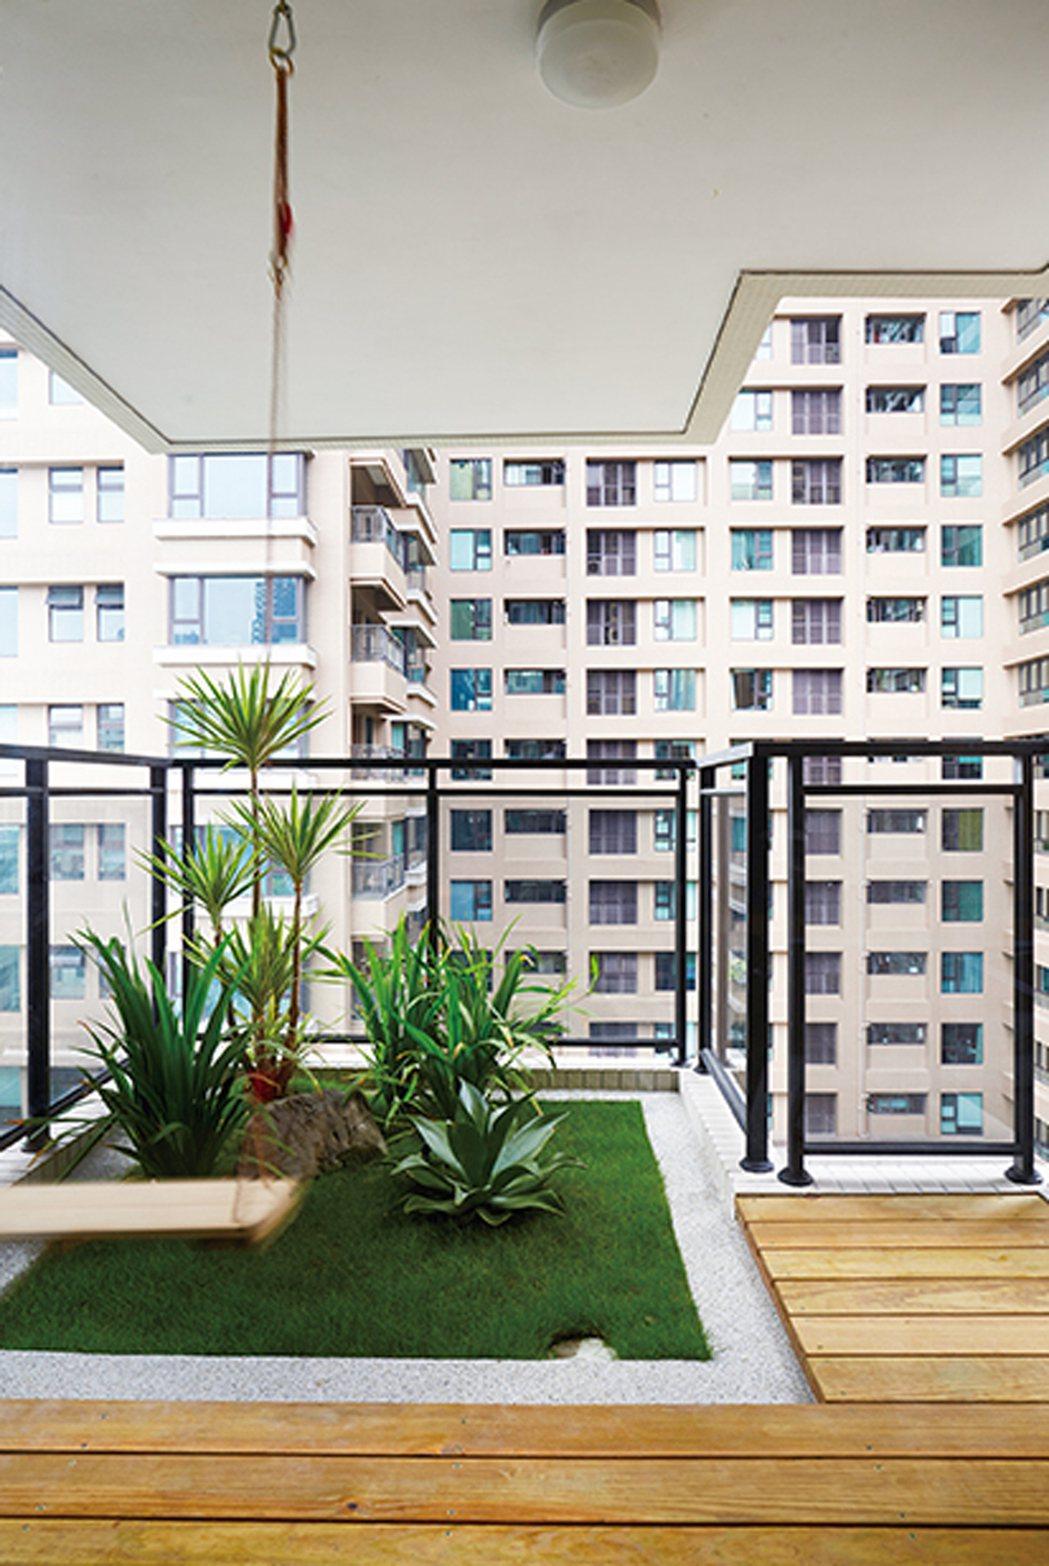 在家即享滿室綠意。 圖片提供/光洲建設